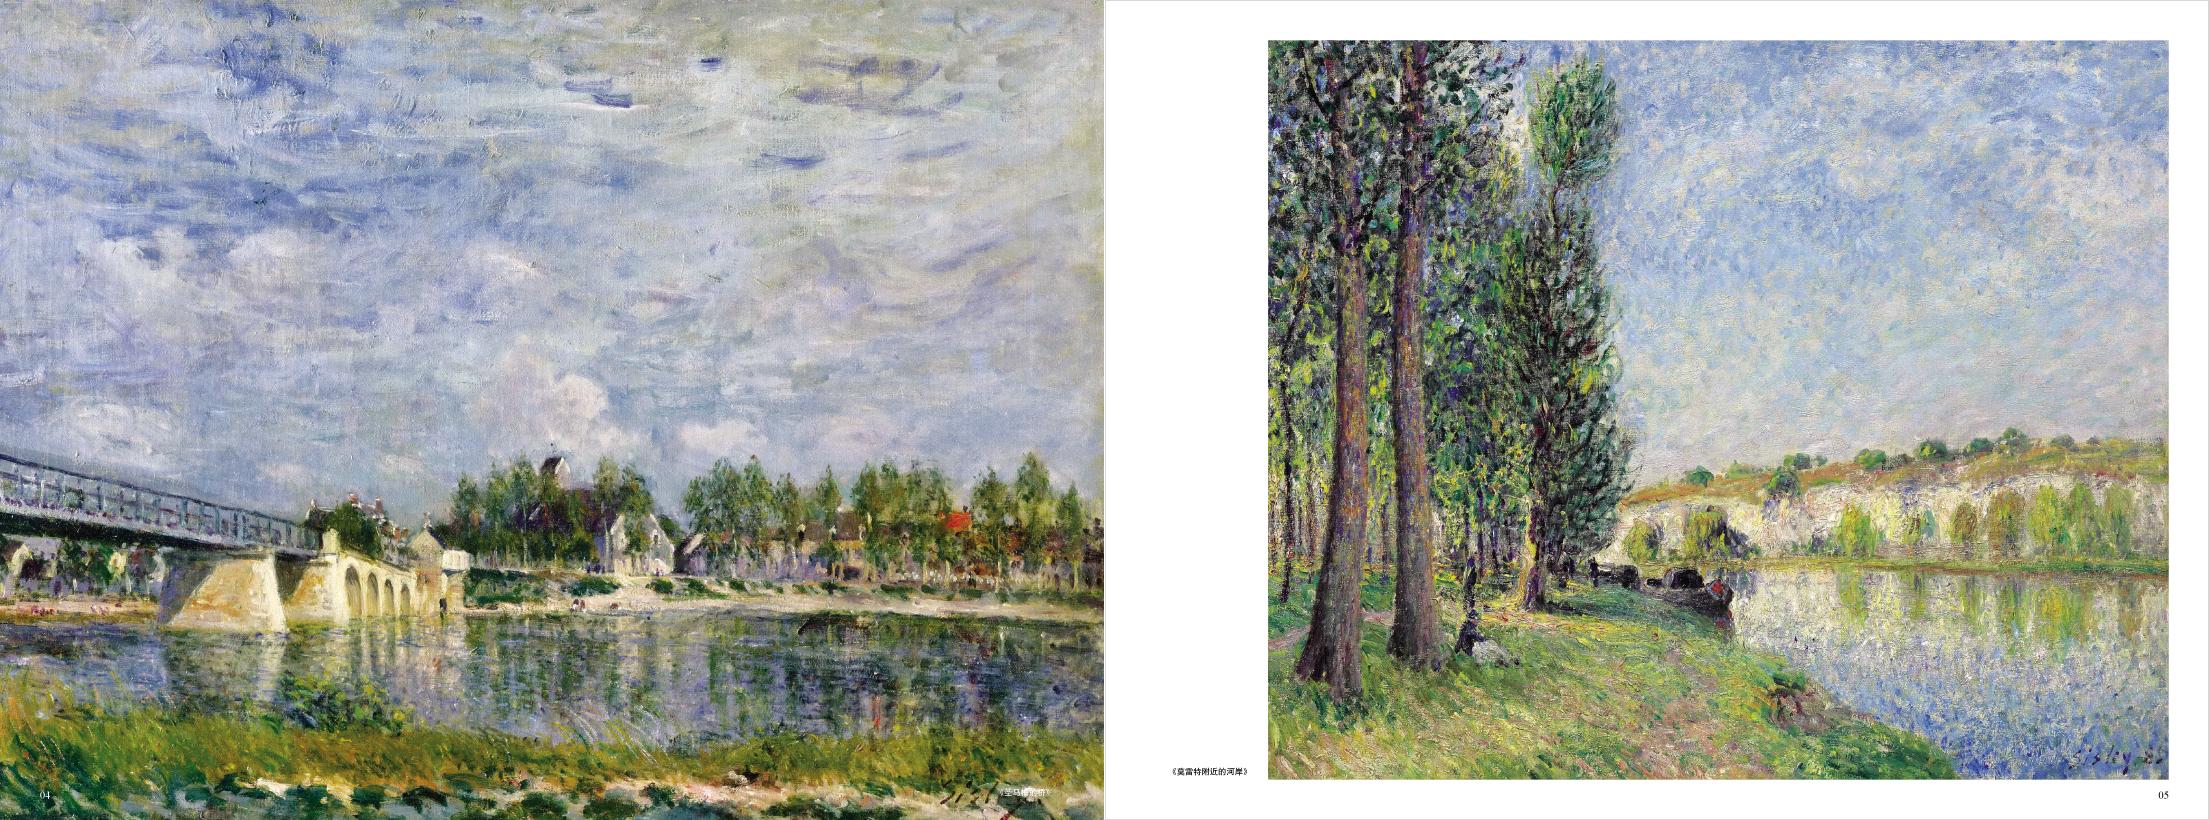 原作风景速写艺术临摹教材范本油画田园自然风景画画书畅销珍藏佳作书